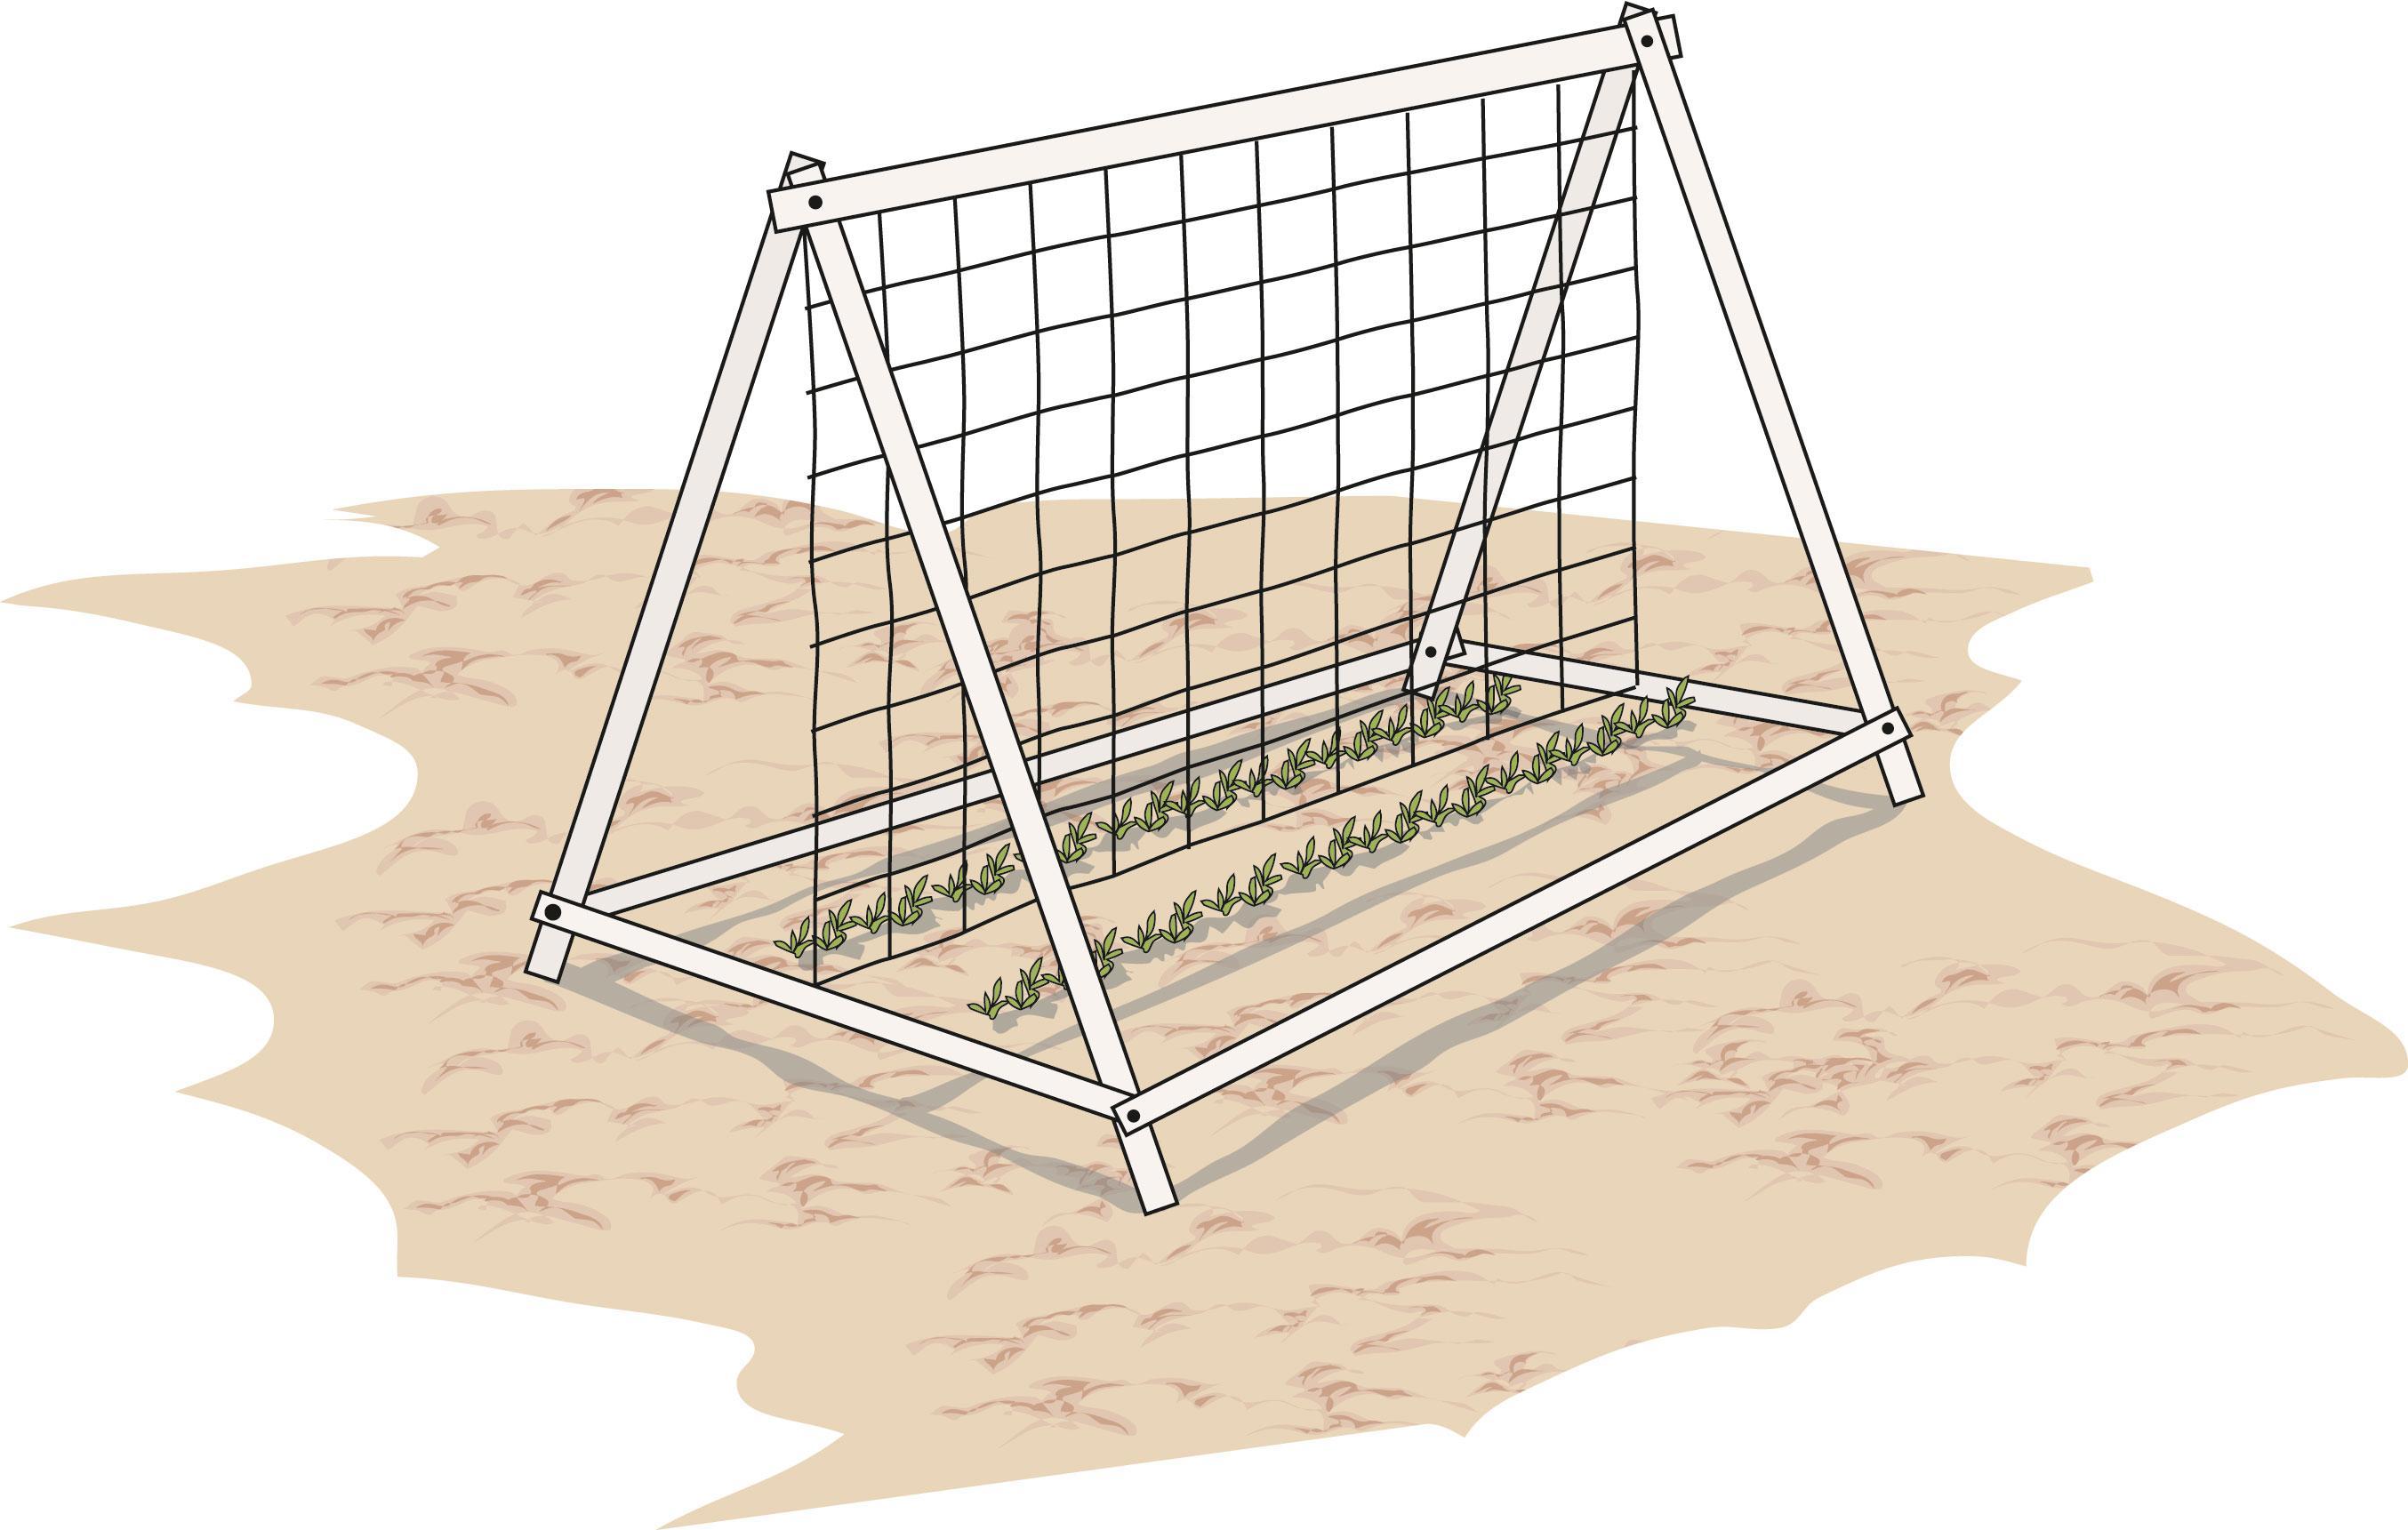 Sostegni Per Pomodori In Vaso nell'orto: i tralicci per gli ortaggi rampicanti - cose di casa